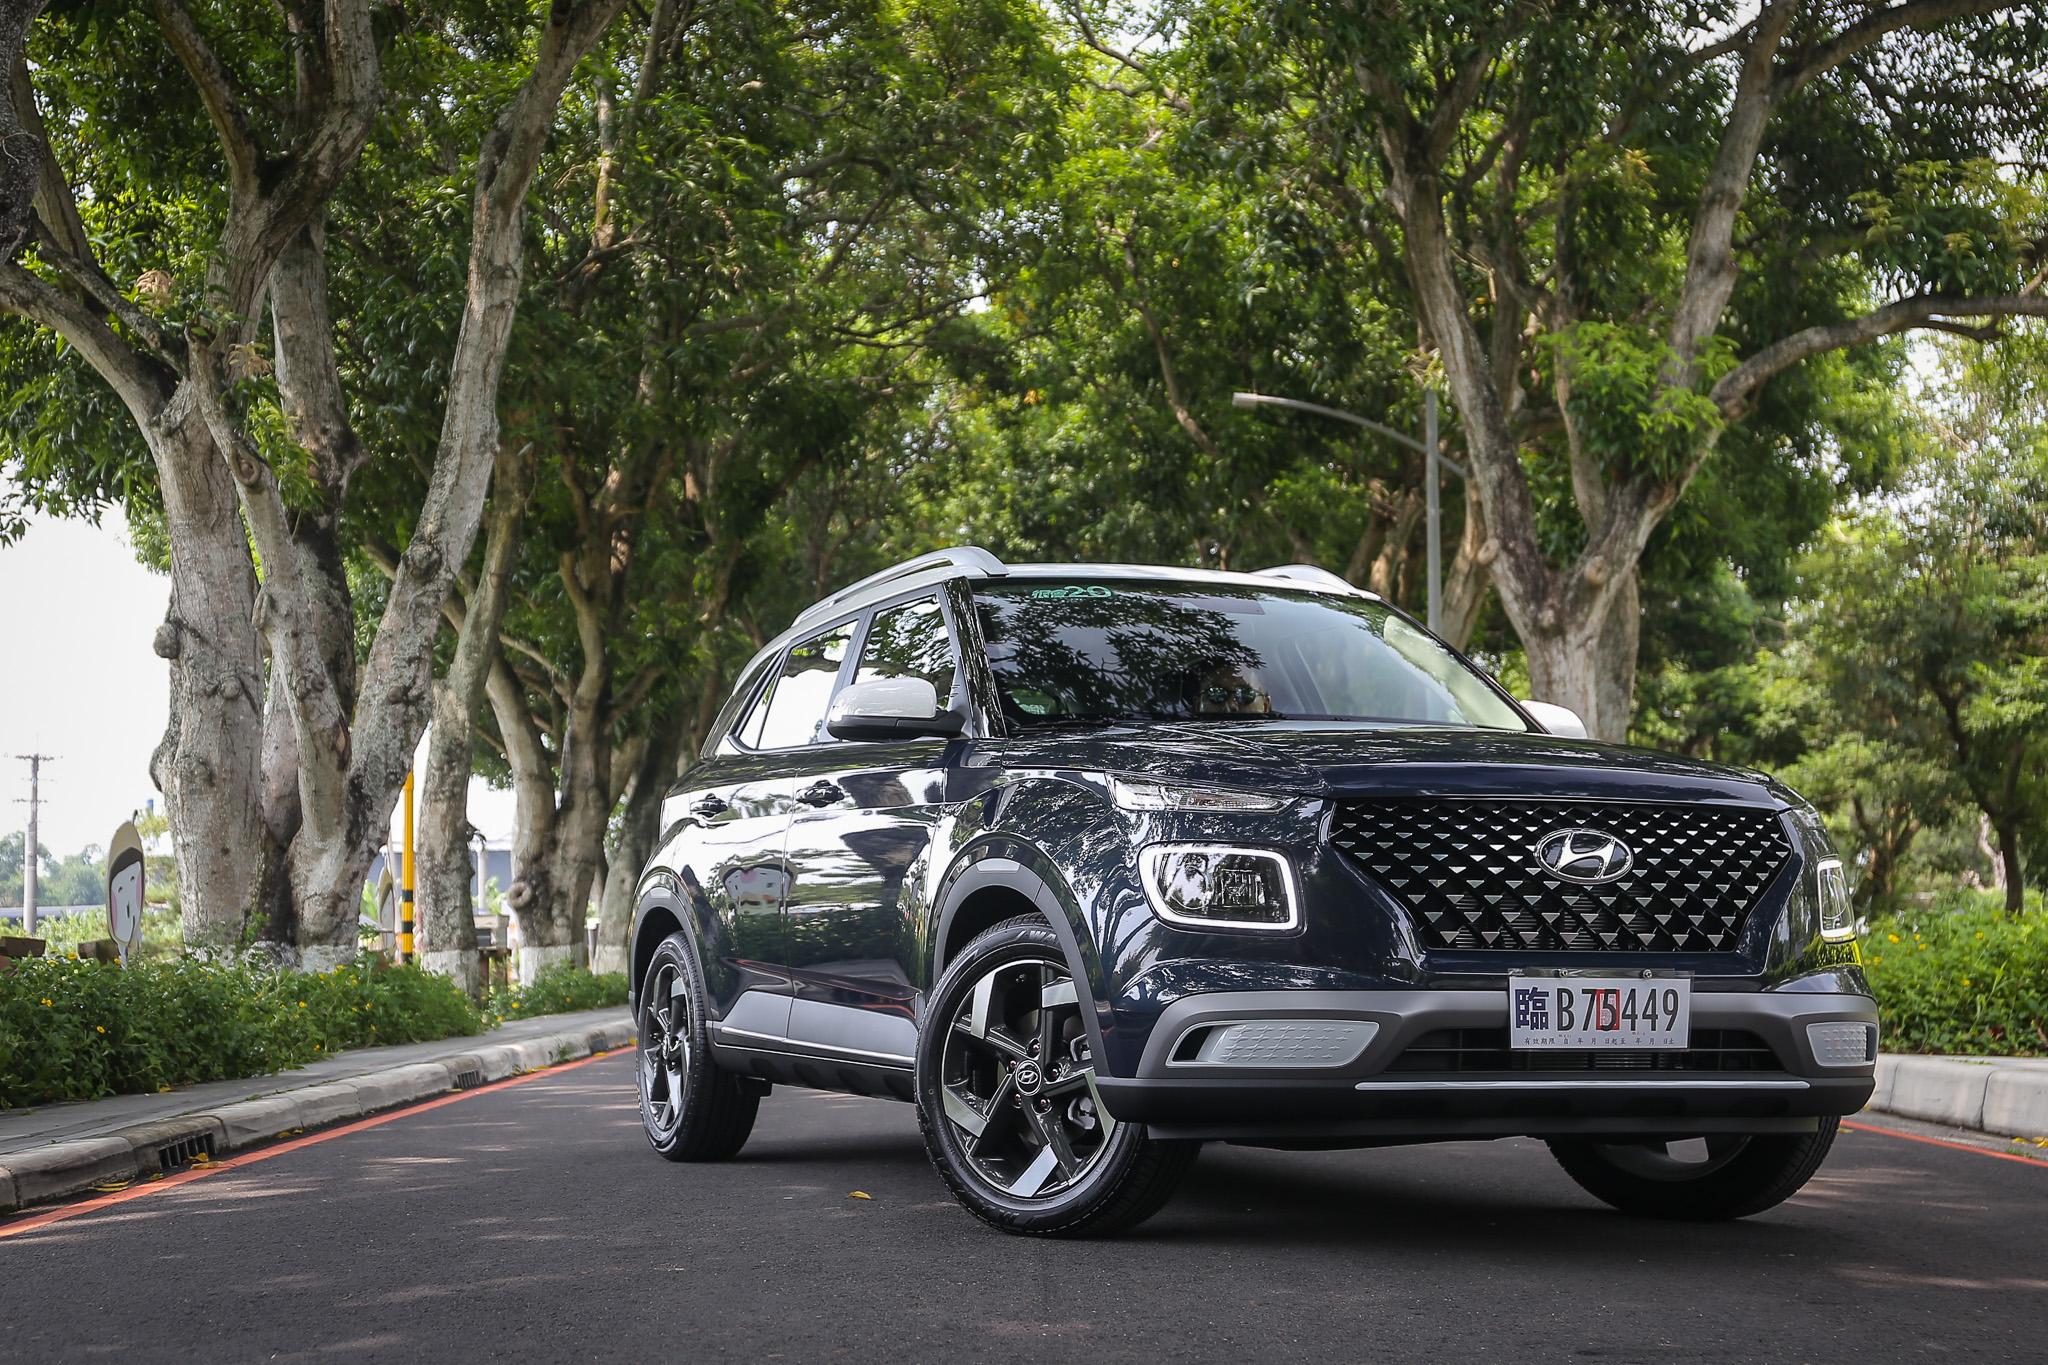 試駕車型為 Venue 頂規 GLC 車型,售價為新台幣 74.9 萬元。